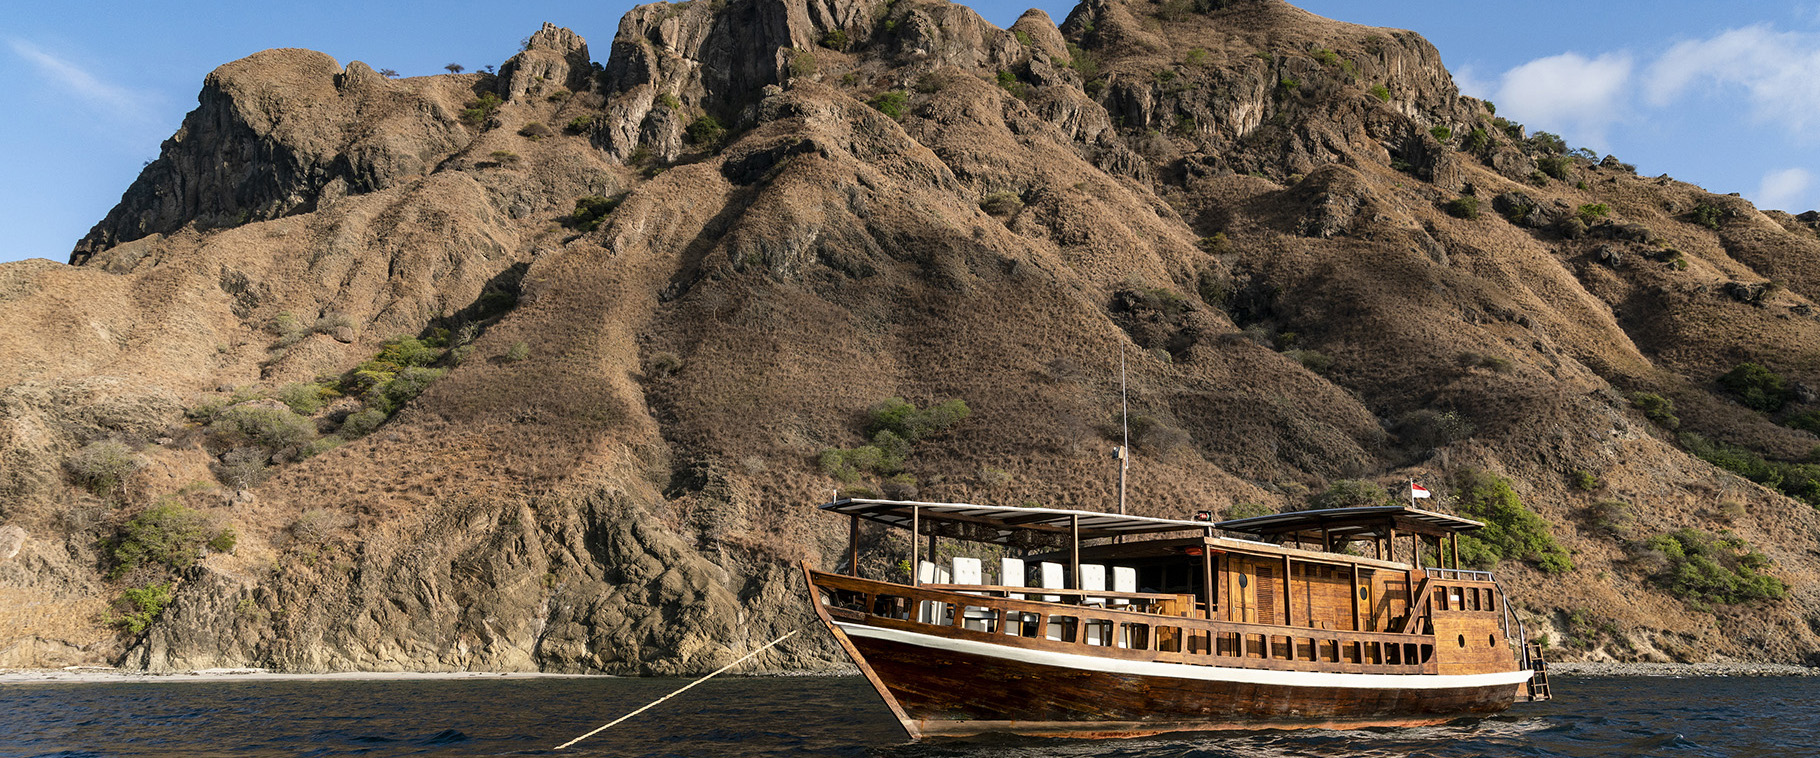 MII Boat at Padar 4